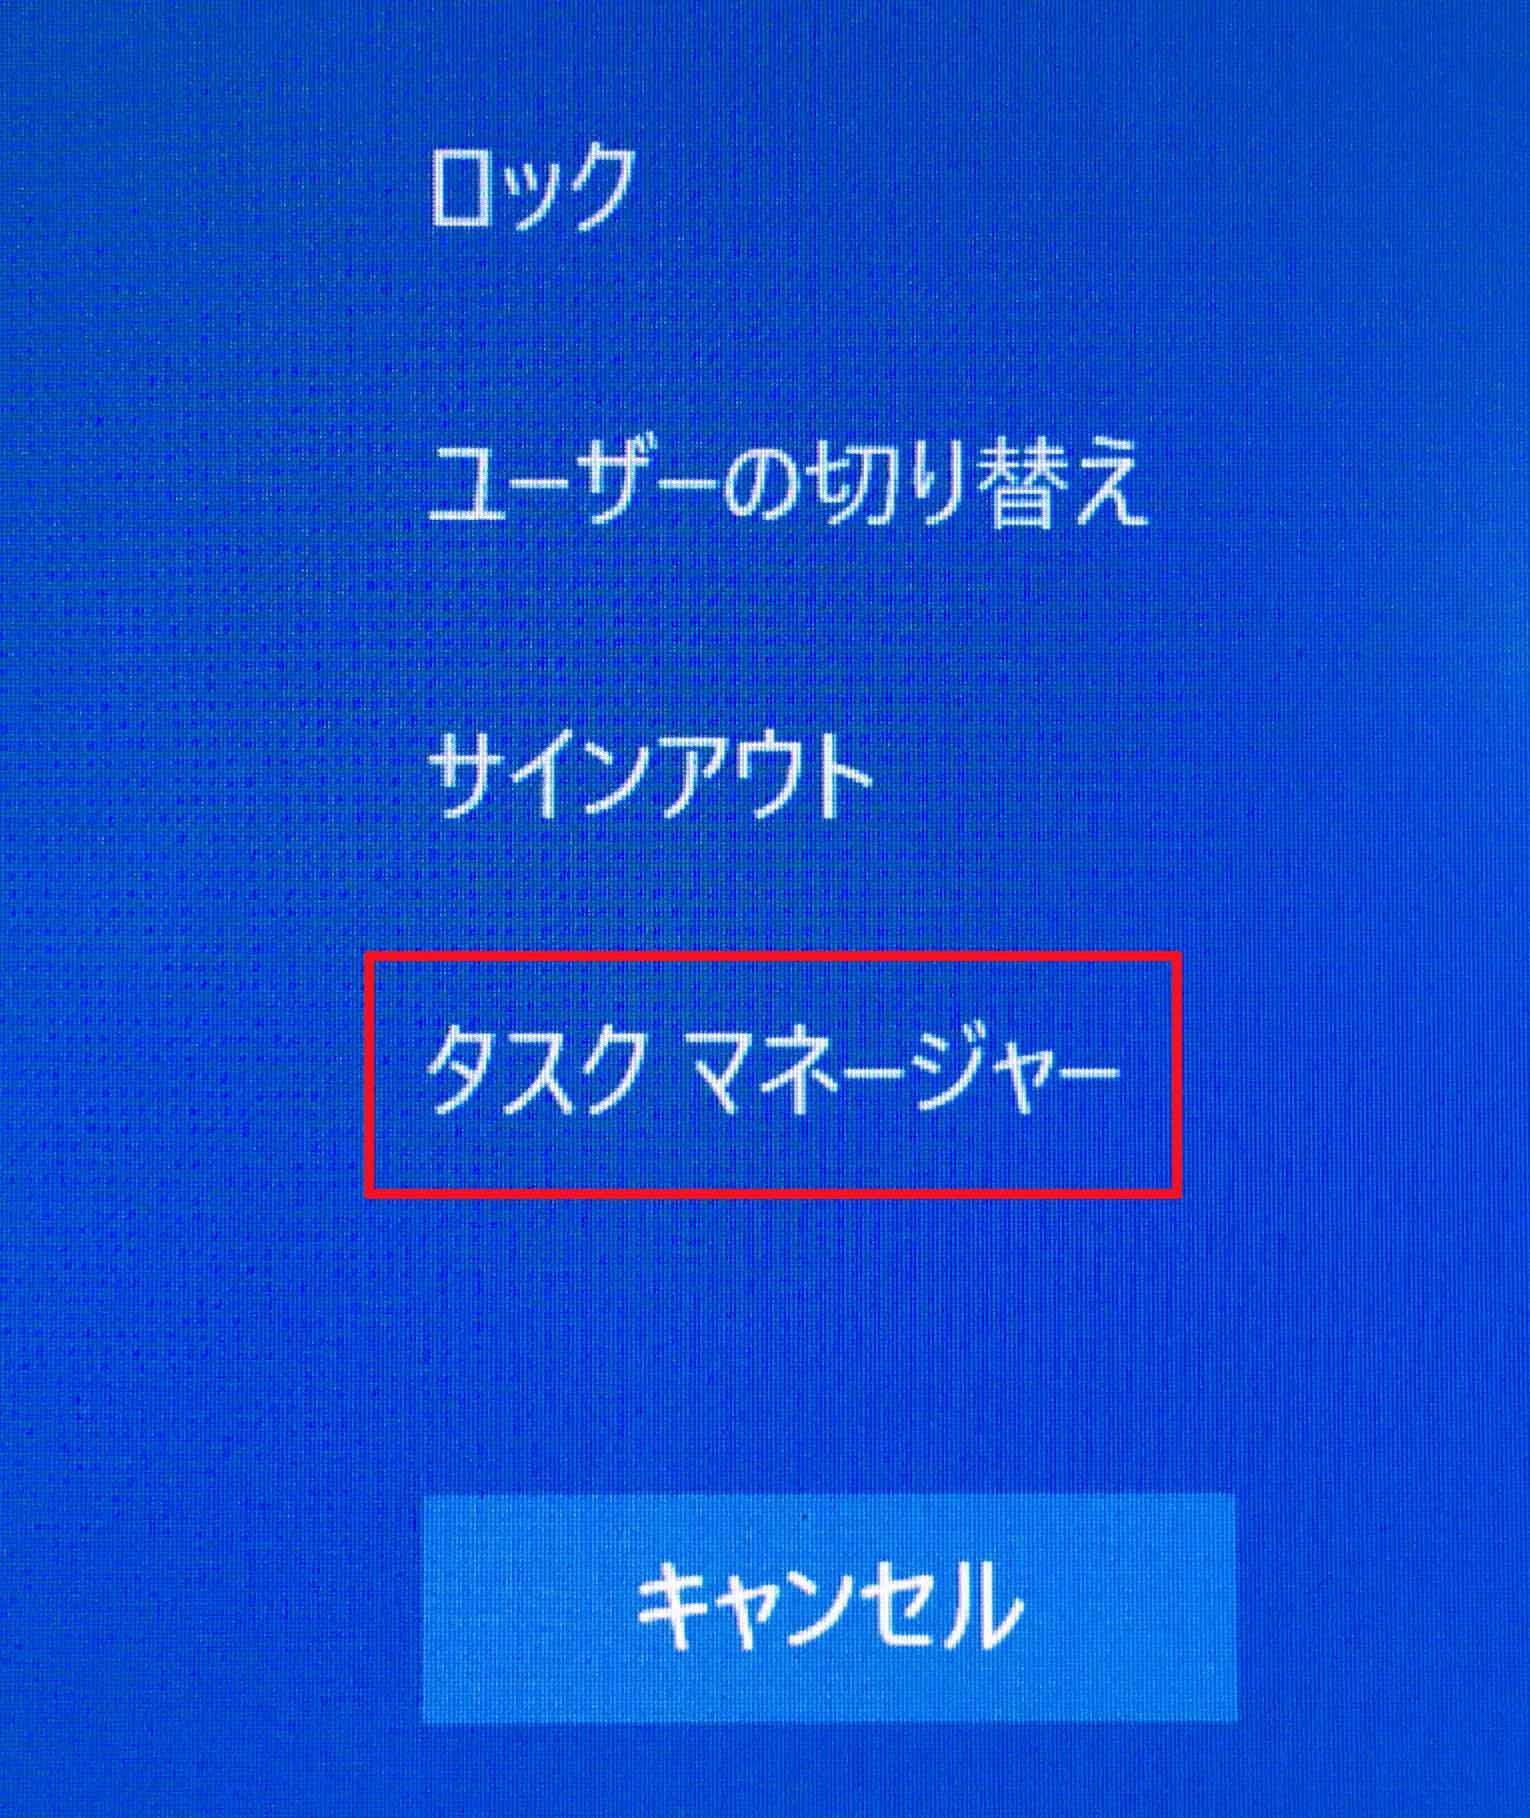 CtrlキーとAltキーを押した状態でDelキーを押して表示される中にあるタスクマネージャーをクリックする